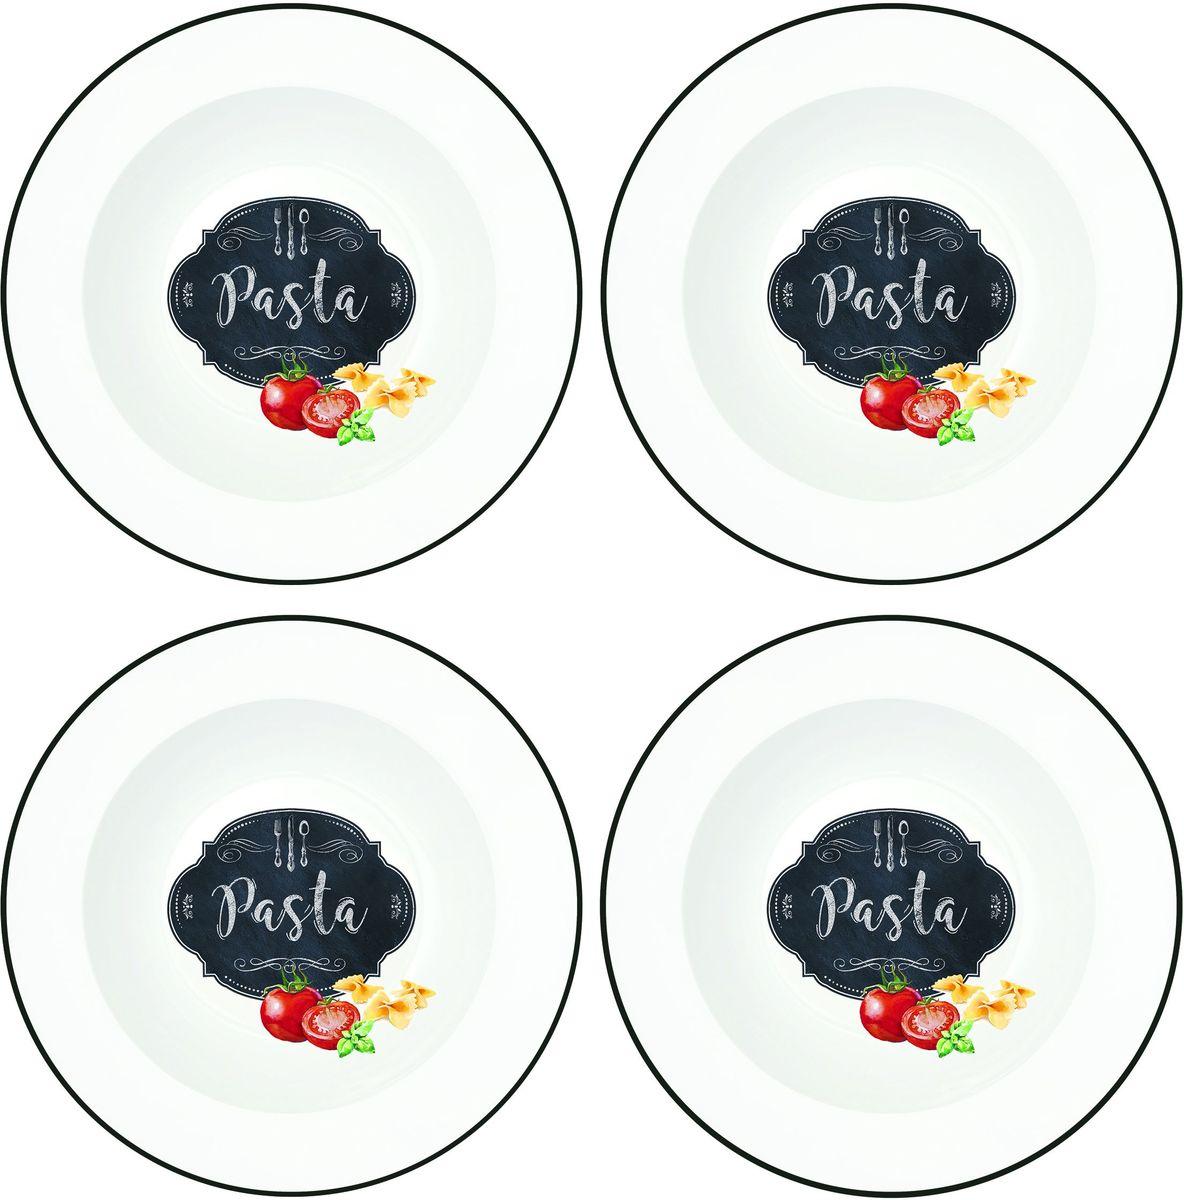 Набор тарелок Easy Life Кухня, диаметр 22 см, 4 шт819KIBPНабор Easy Life Кухня состоит из четырех тарелок, оформленных красивым рисунком. Изделия, изготовленные из высококачественного фарфора, сочетают в себе изысканный дизайн с максимальной функциональностью. Тарелки предназначены для холодных и горячих продуктов.Такие тарелки незаменимы в поездках на природу и на пикниках.Диаметр тарелки: 22 см.